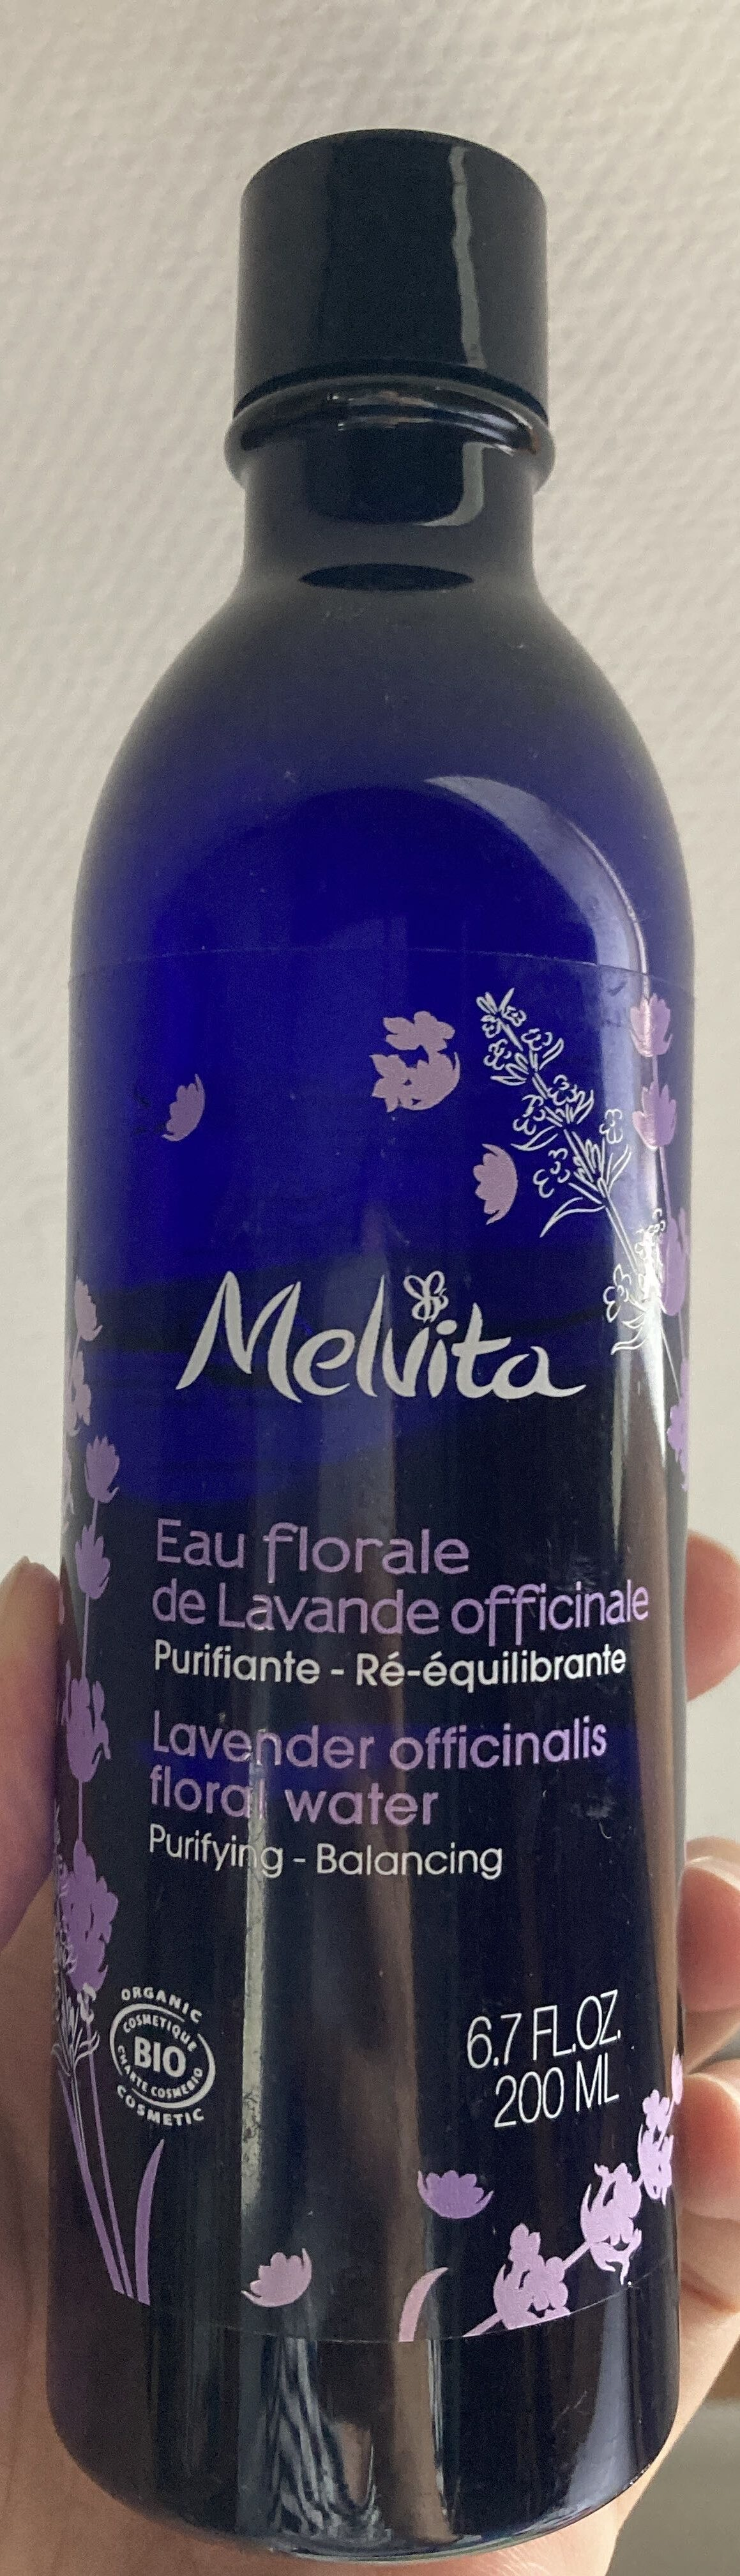 Eau florale de lavande officinale Purifiante - Ré-équilibrante - Product - en